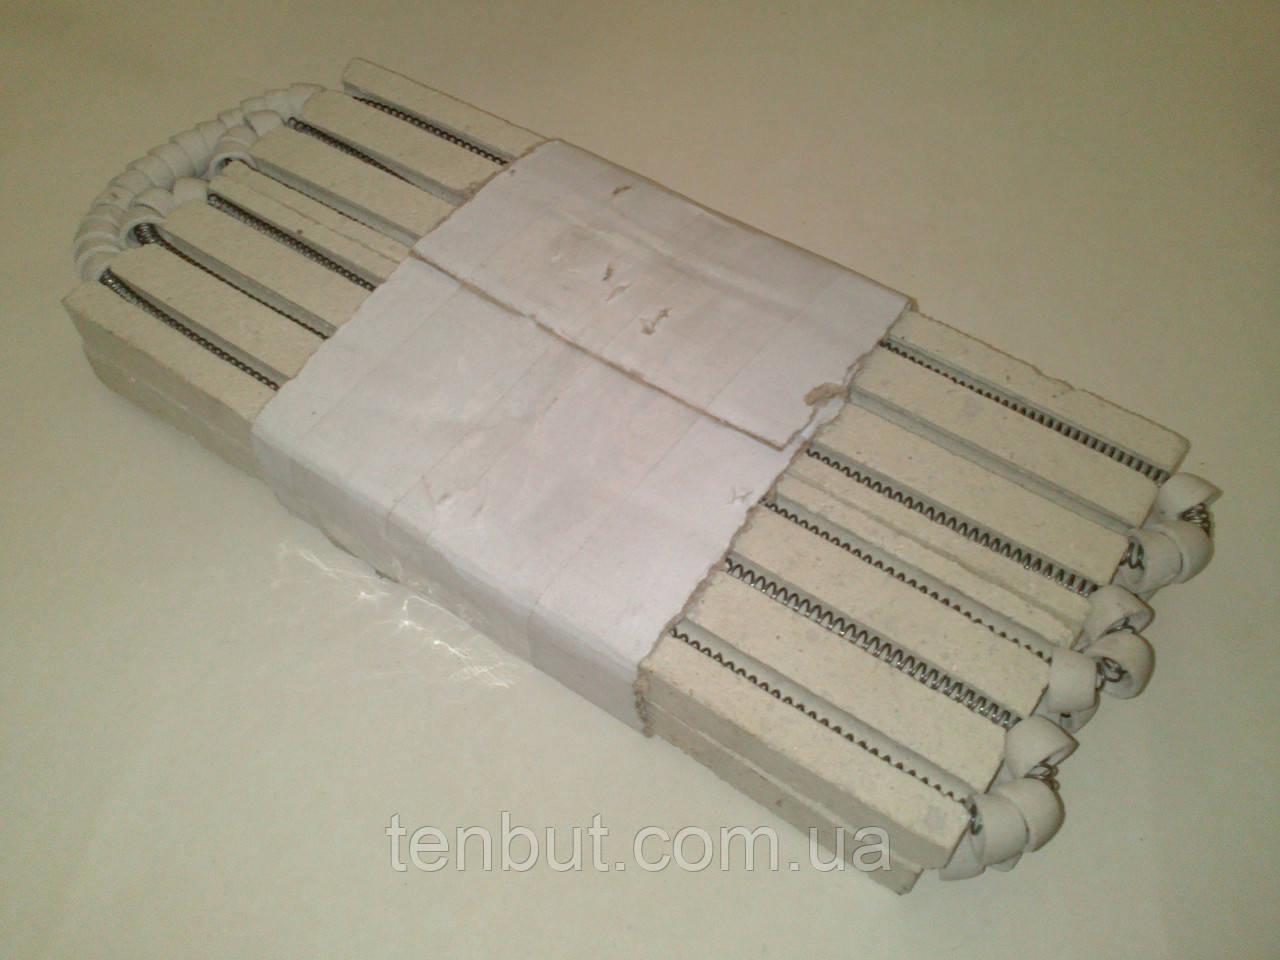 Ремонтный комплект КЭ - 0.12 / 3.0 кВт. на промышленные комфорки ( Мармиты КЭ- 0,12 )